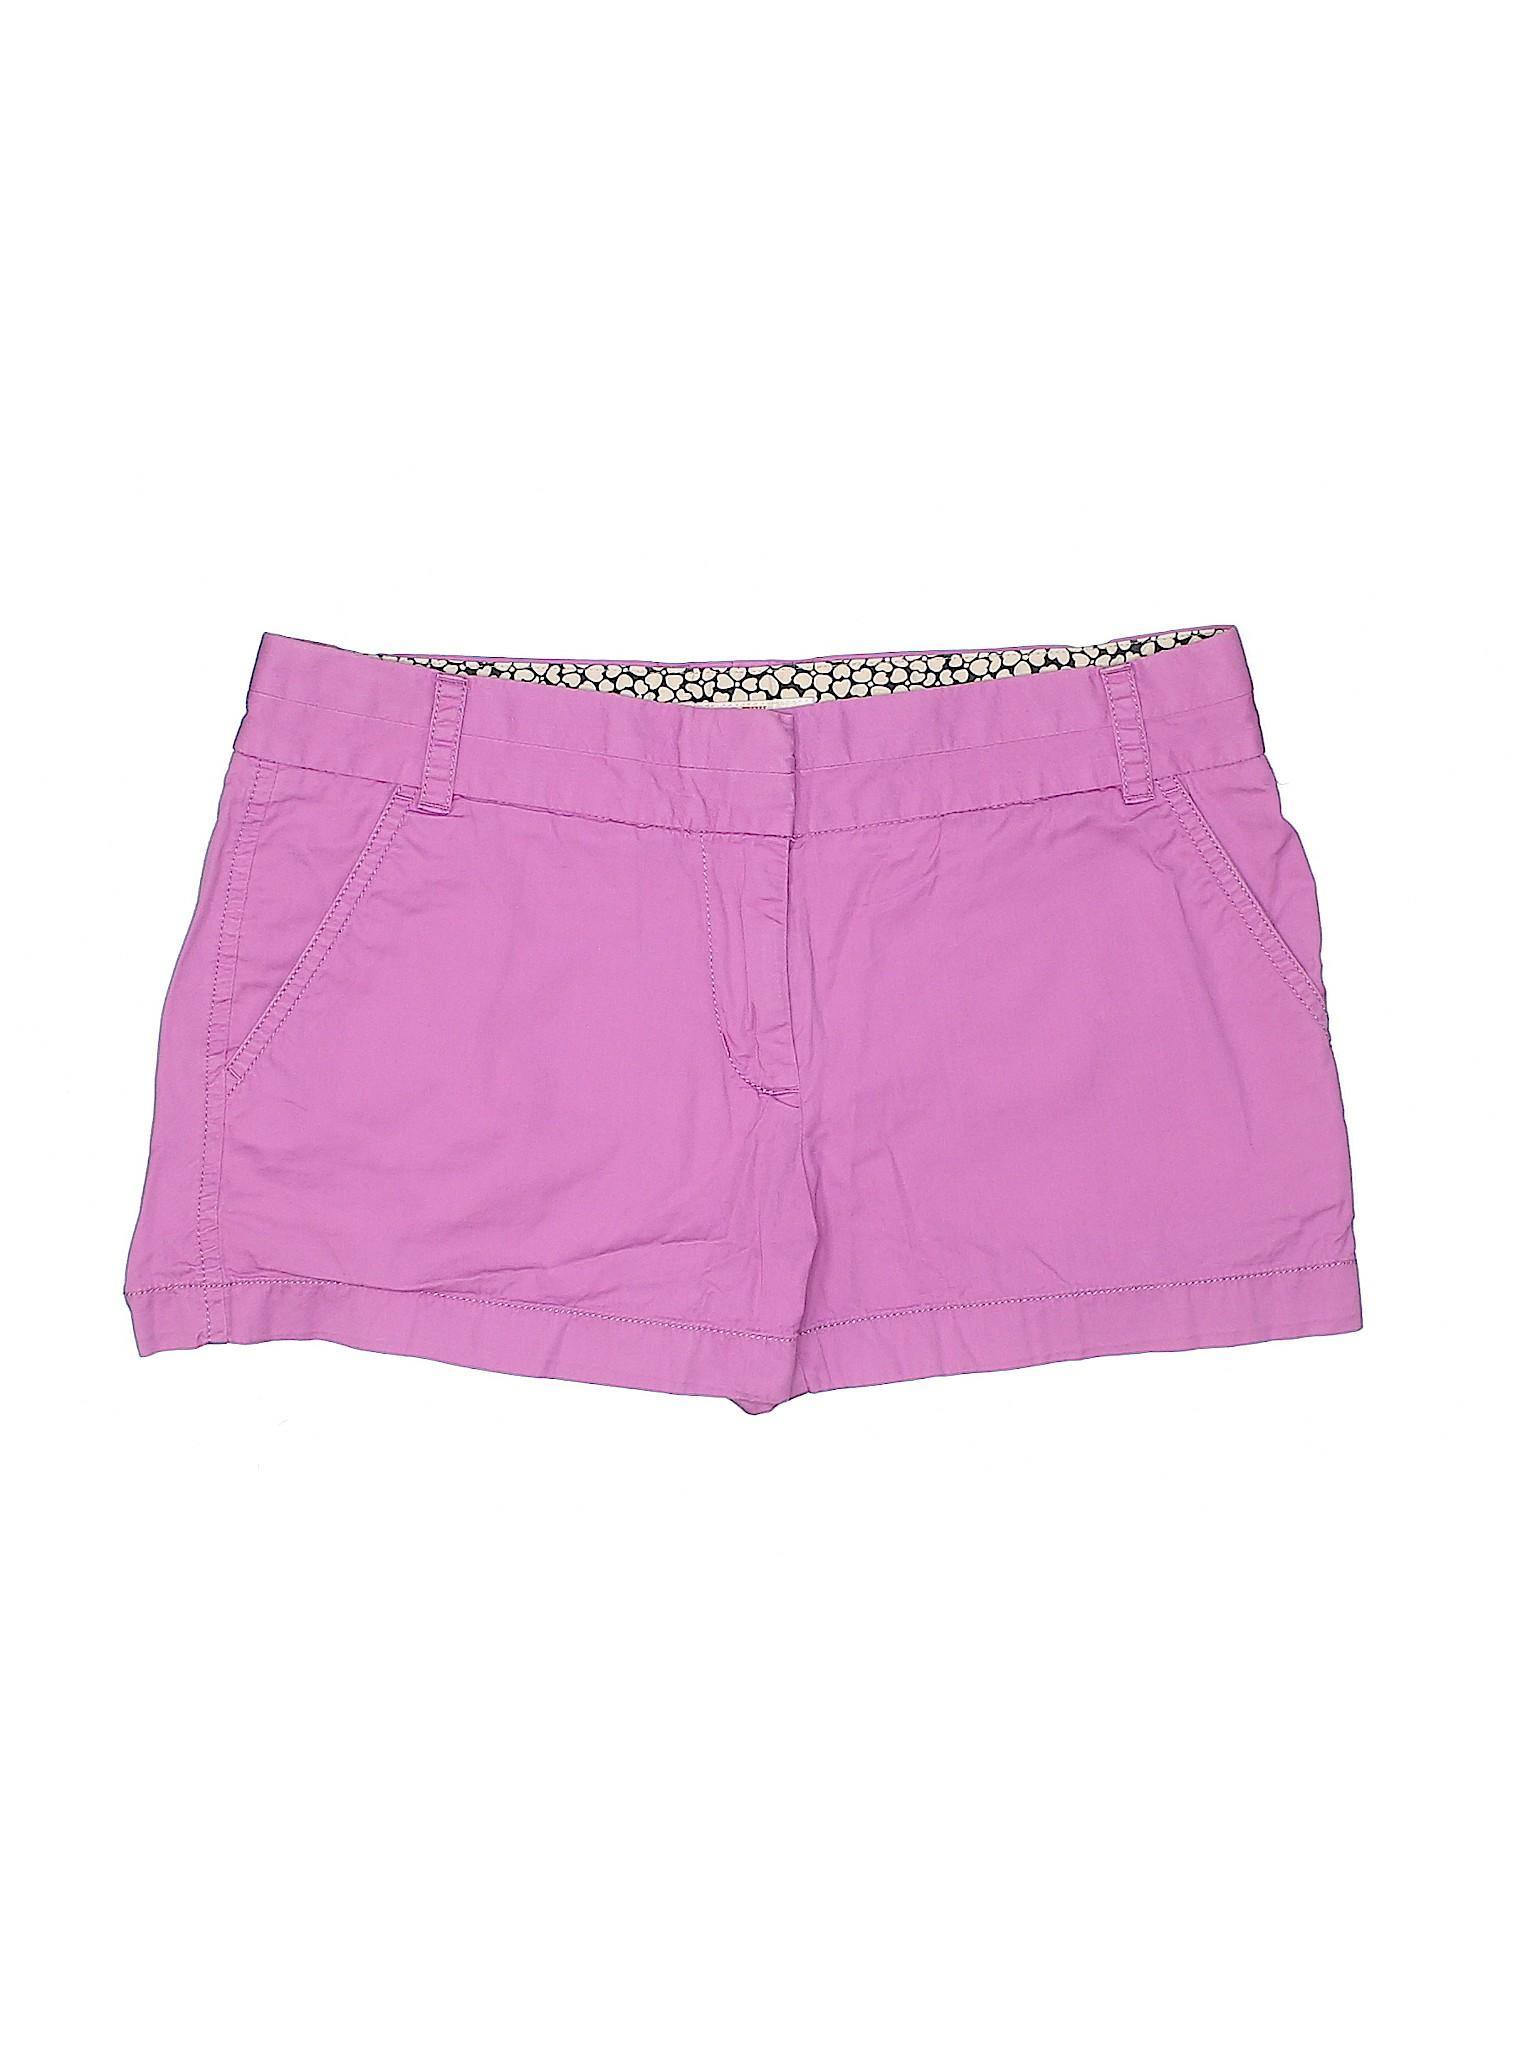 Crew Factory Store Boutique Khaki Shorts J wW6Hnq50